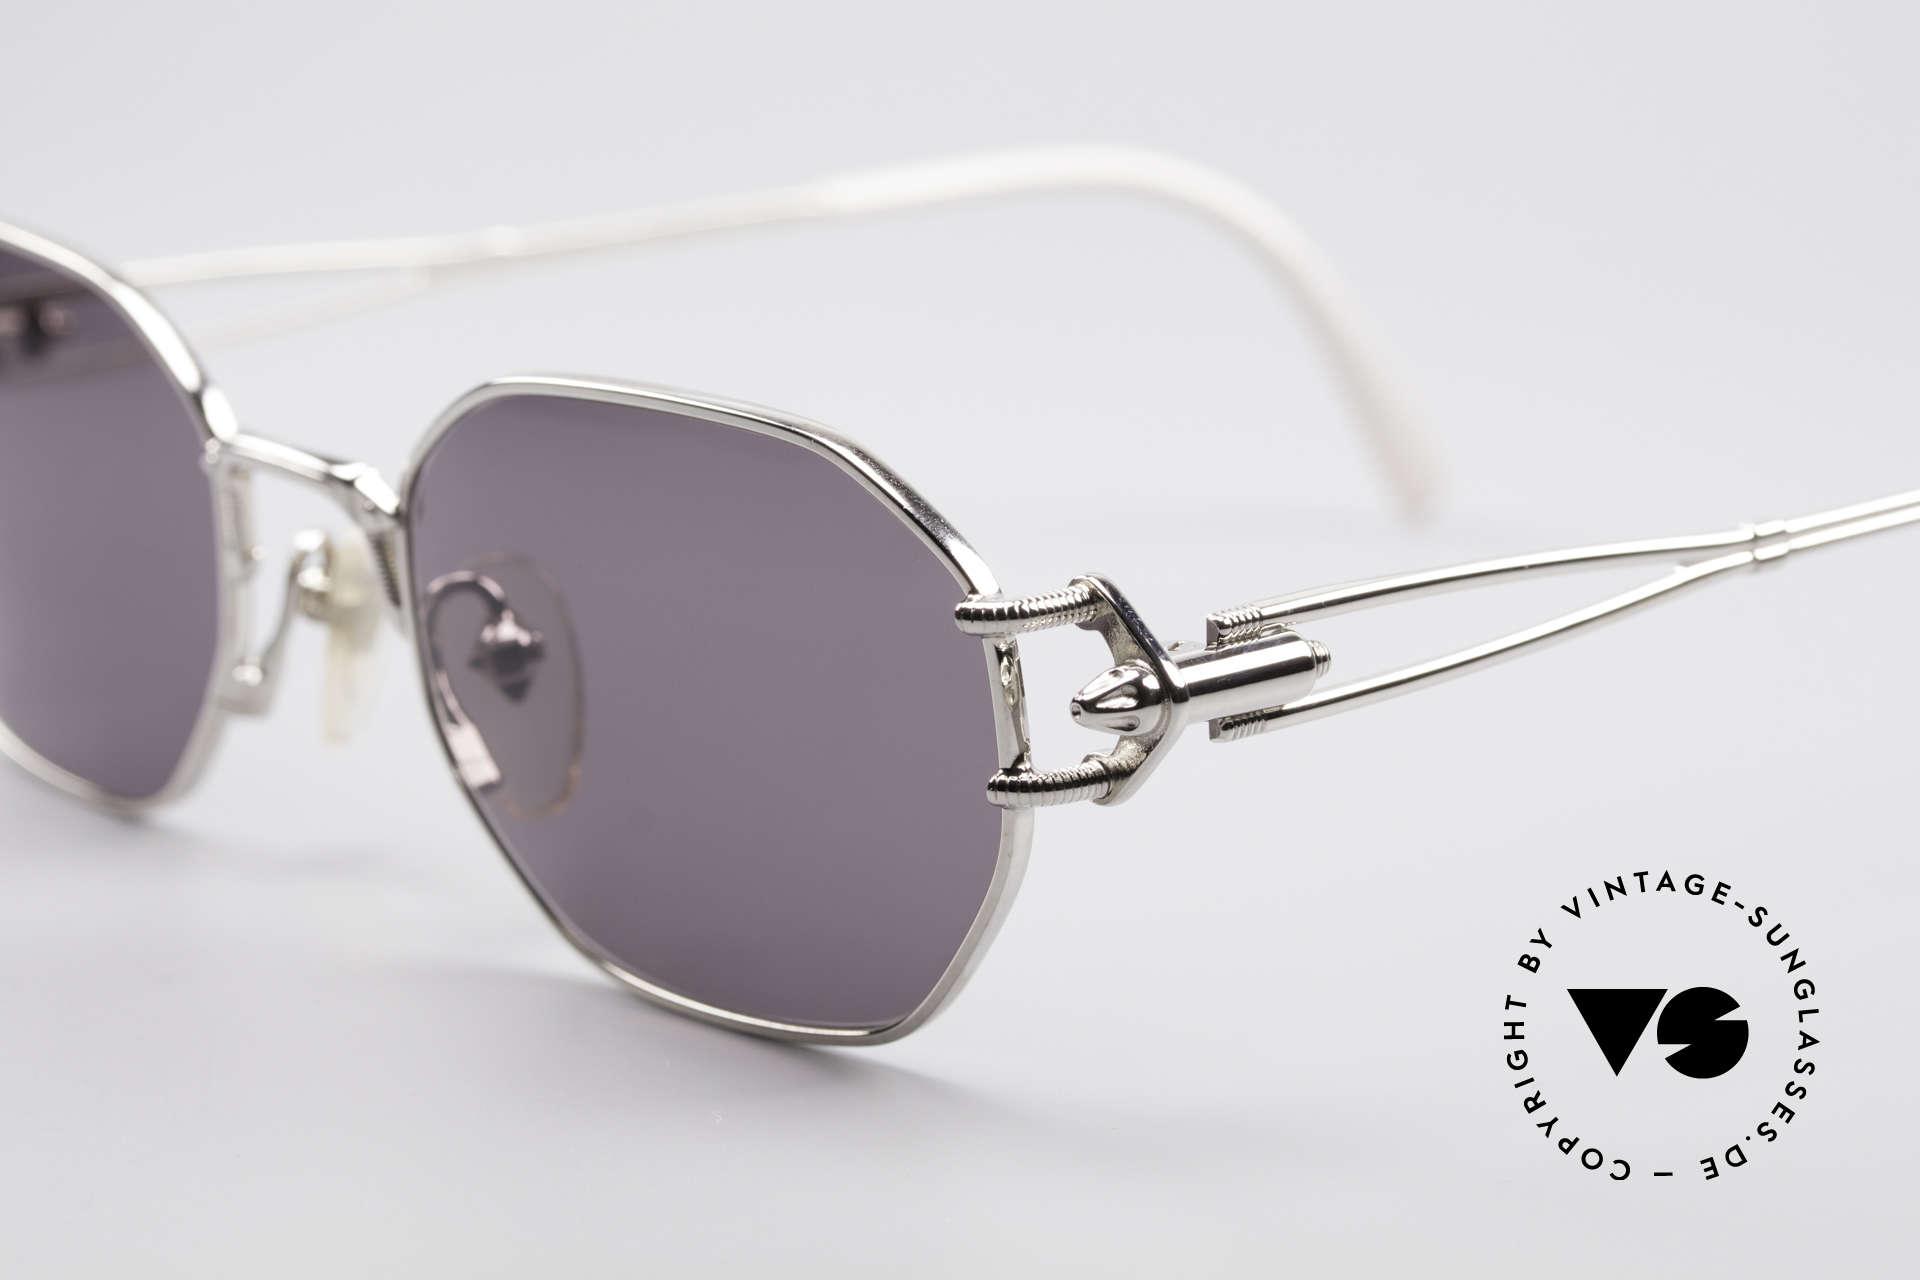 Jean Paul Gaultier 55-6106 90er Vintage Sonnenbrille, enorm hochwertig (made in Japan) & 100% UV Schutz, Passend für Herren und Damen